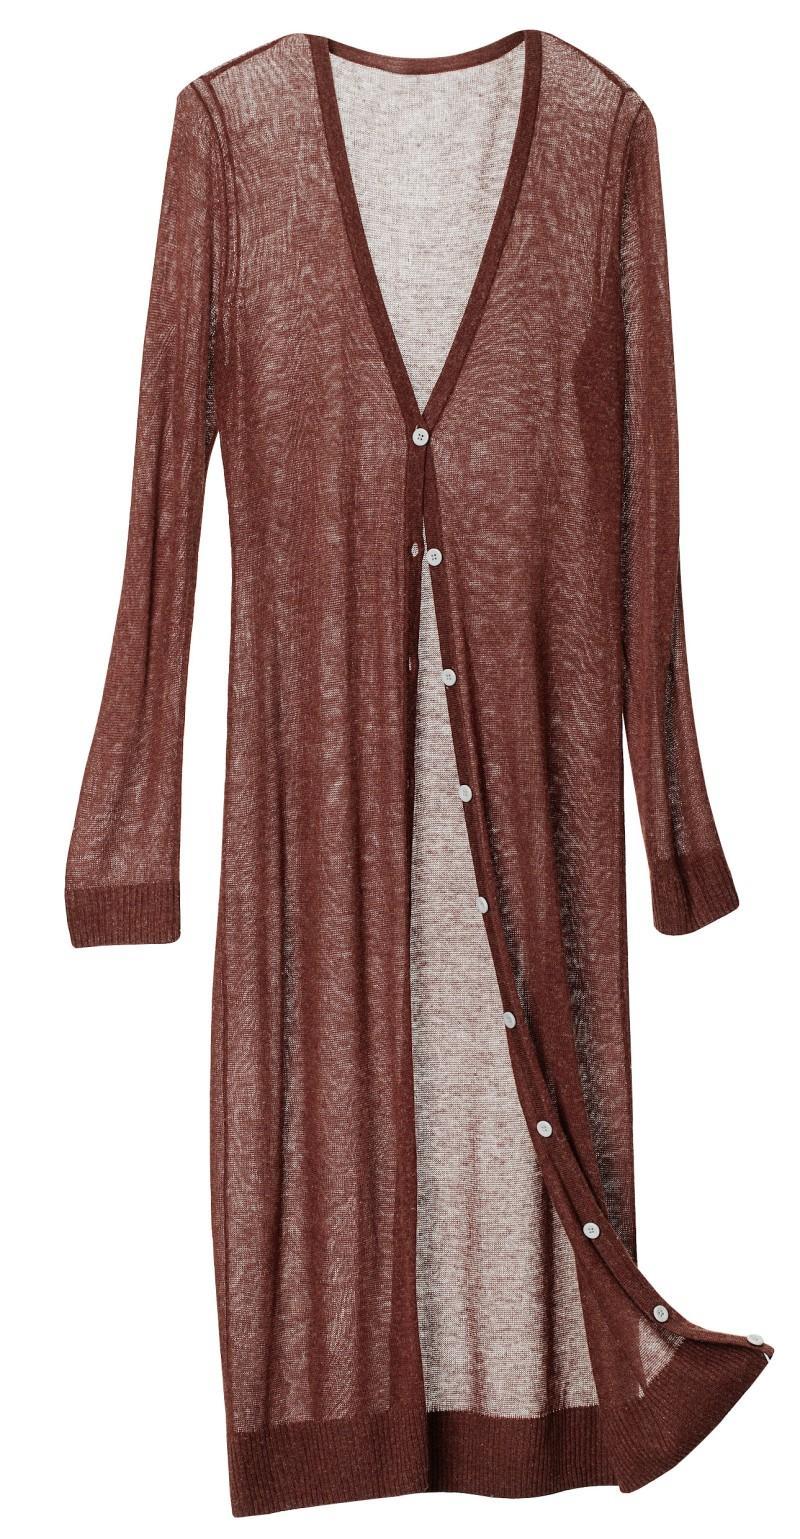 brązowy sweter H&M długie - wiosna/lato 2011